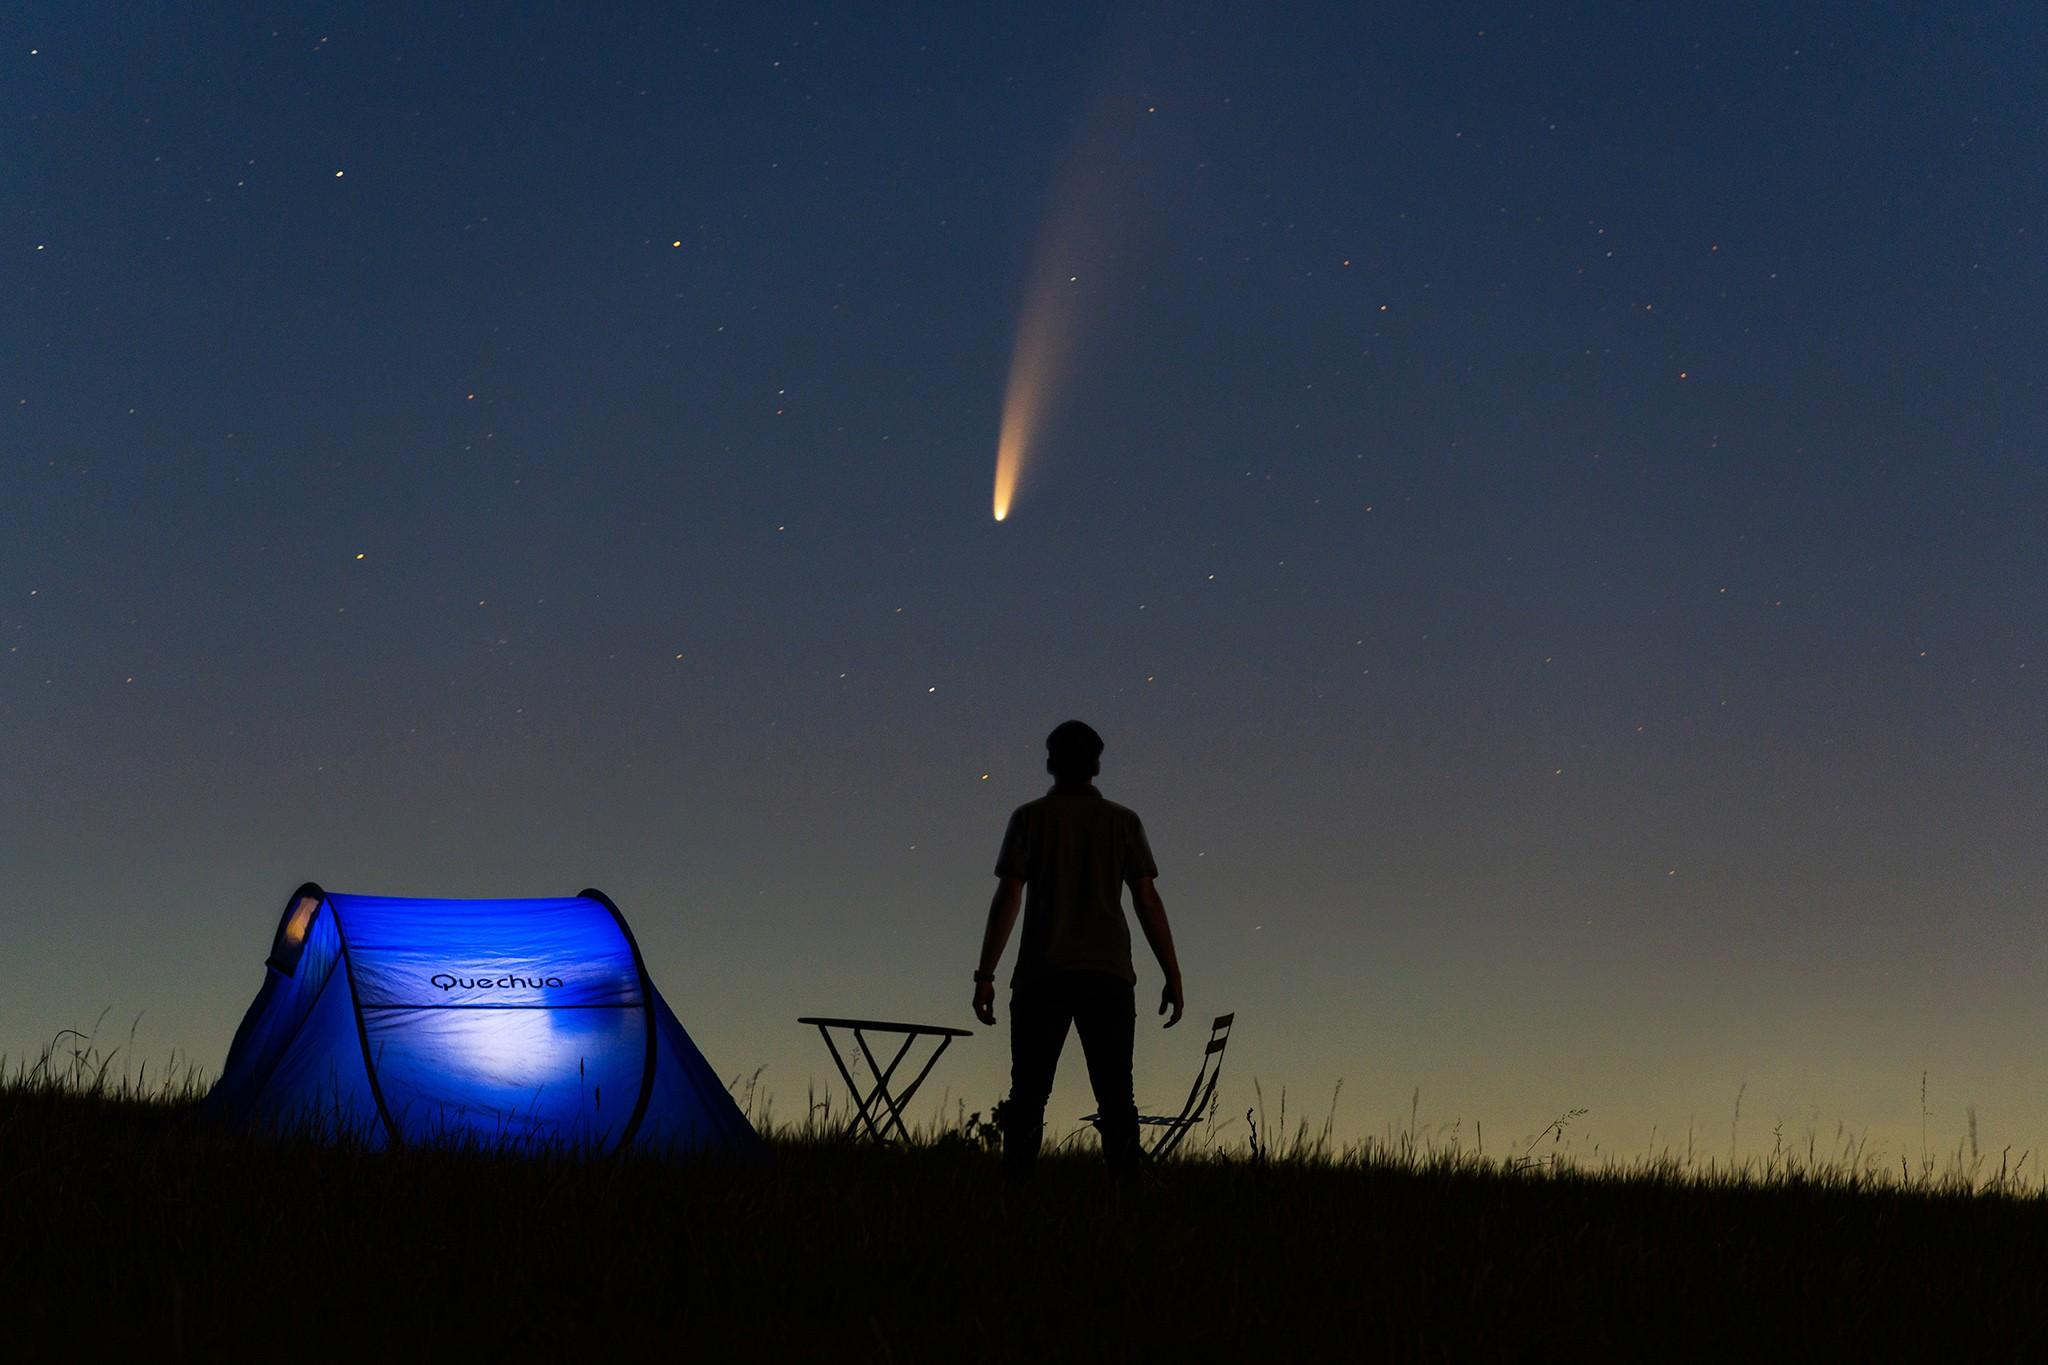 La comète Neowise dans les champs, en astrophotographie | Lorraine